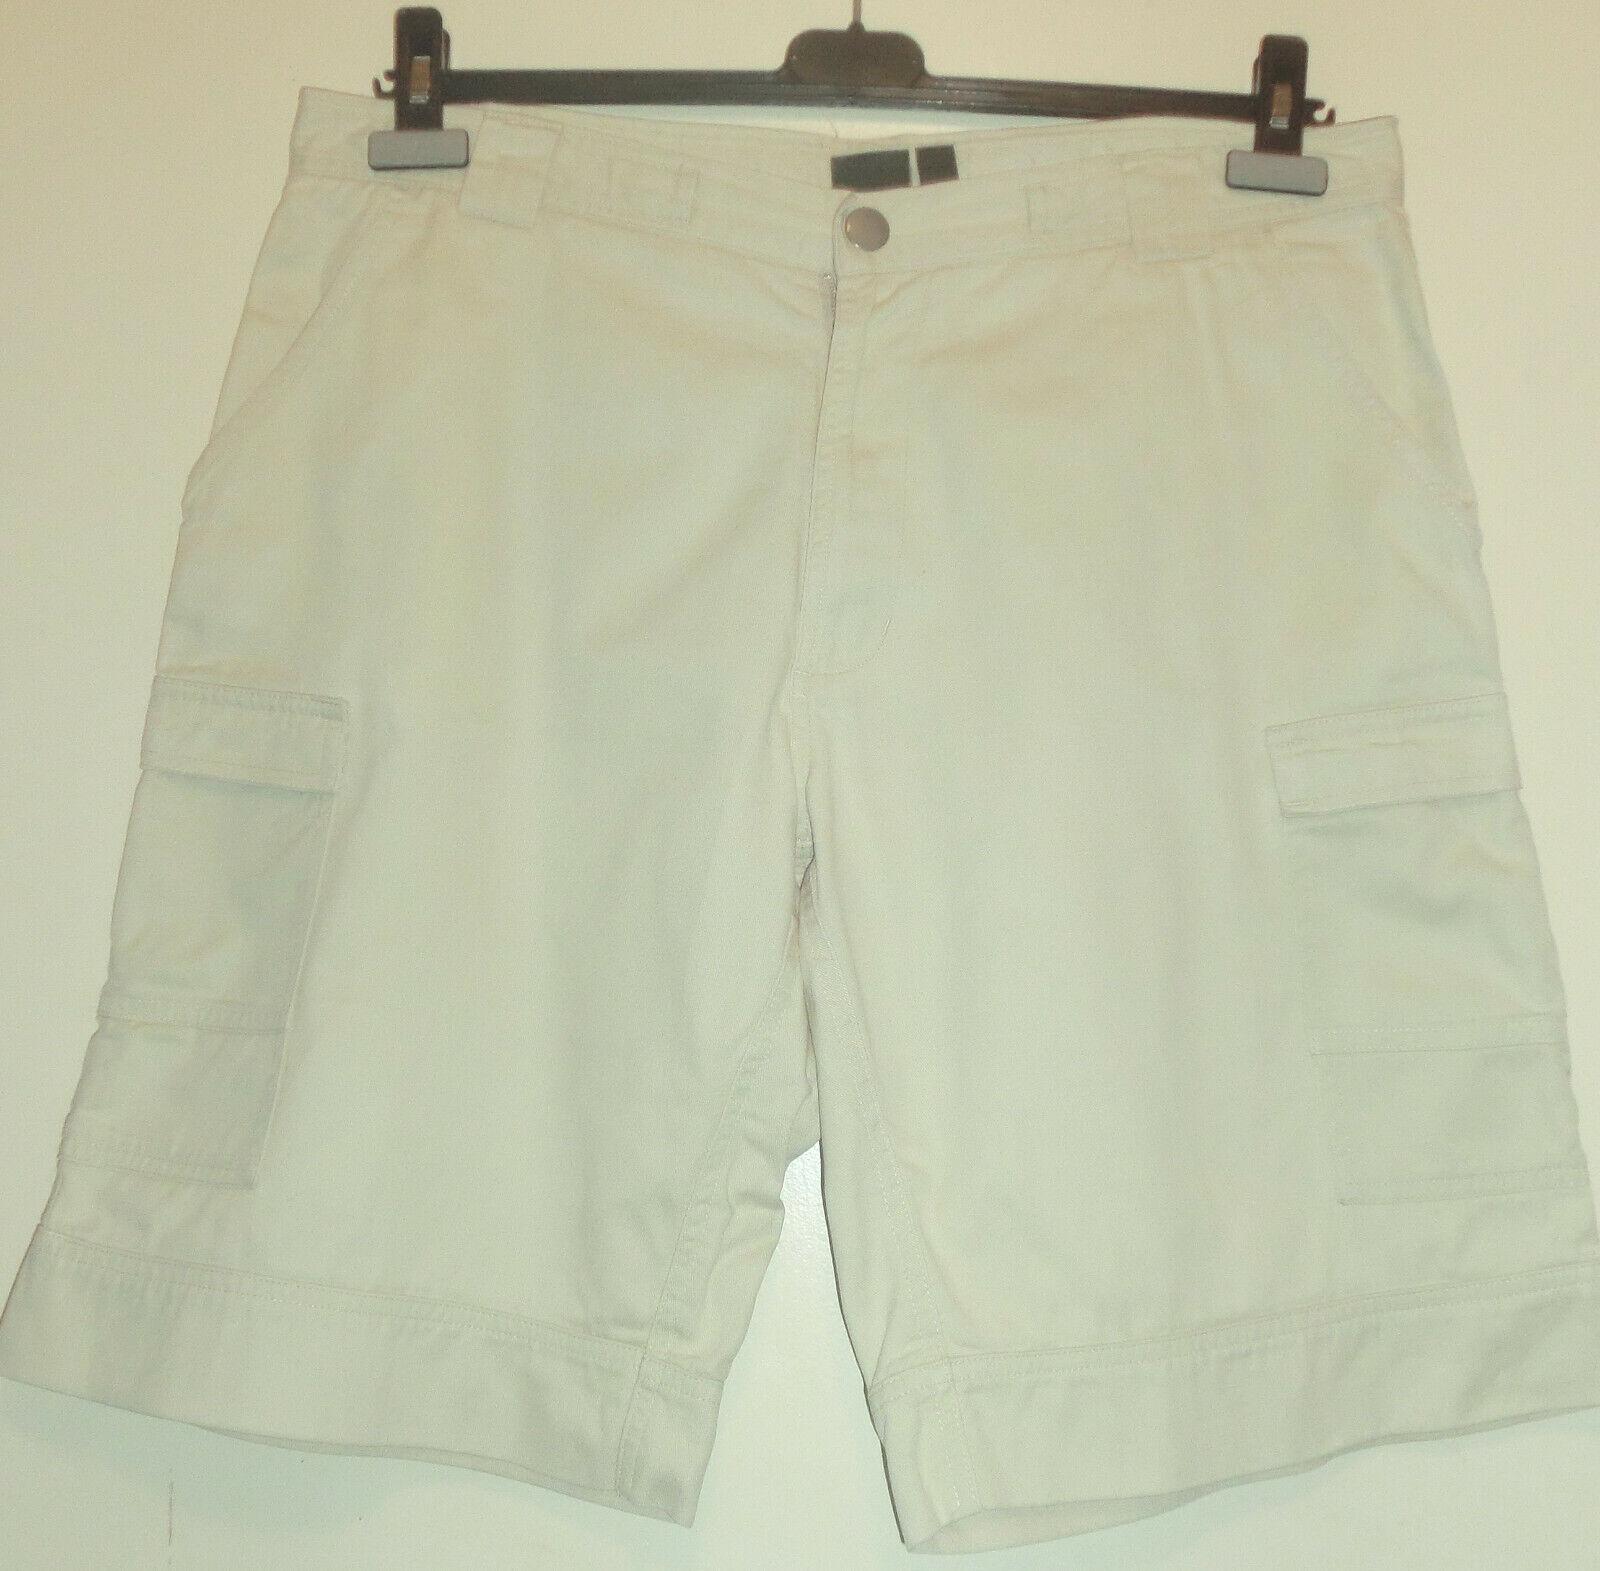 Beige kurze Hose mit aufgesetzten Taschen im Cargo-Style Gr. 52/54